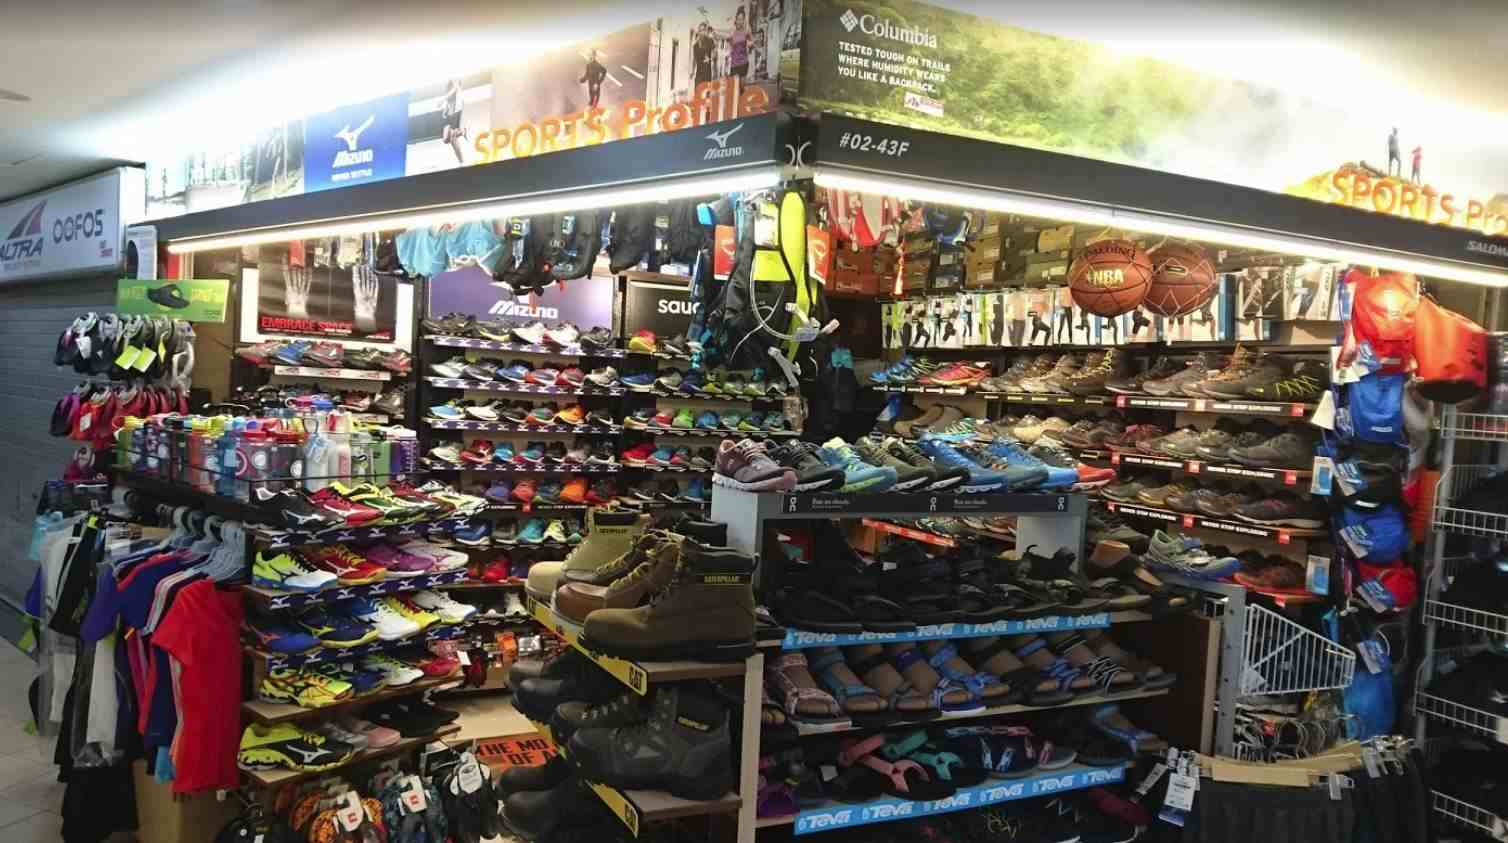 queensway shoes